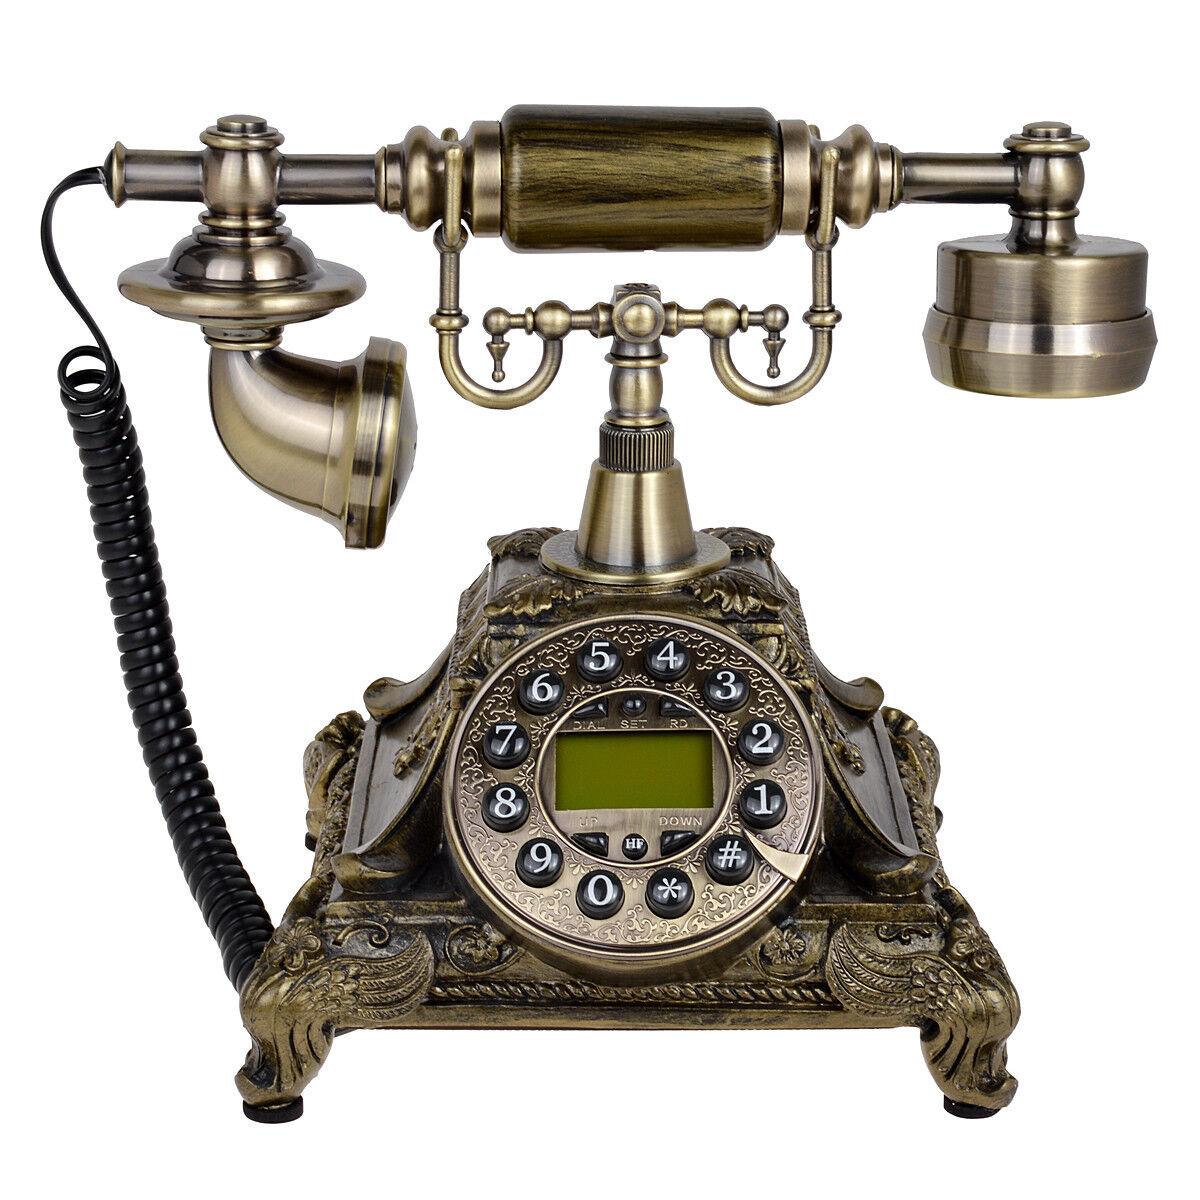 Bronze Retro Vintage Antique Telephone Rotary Dial Desk Phone Home Room Decor